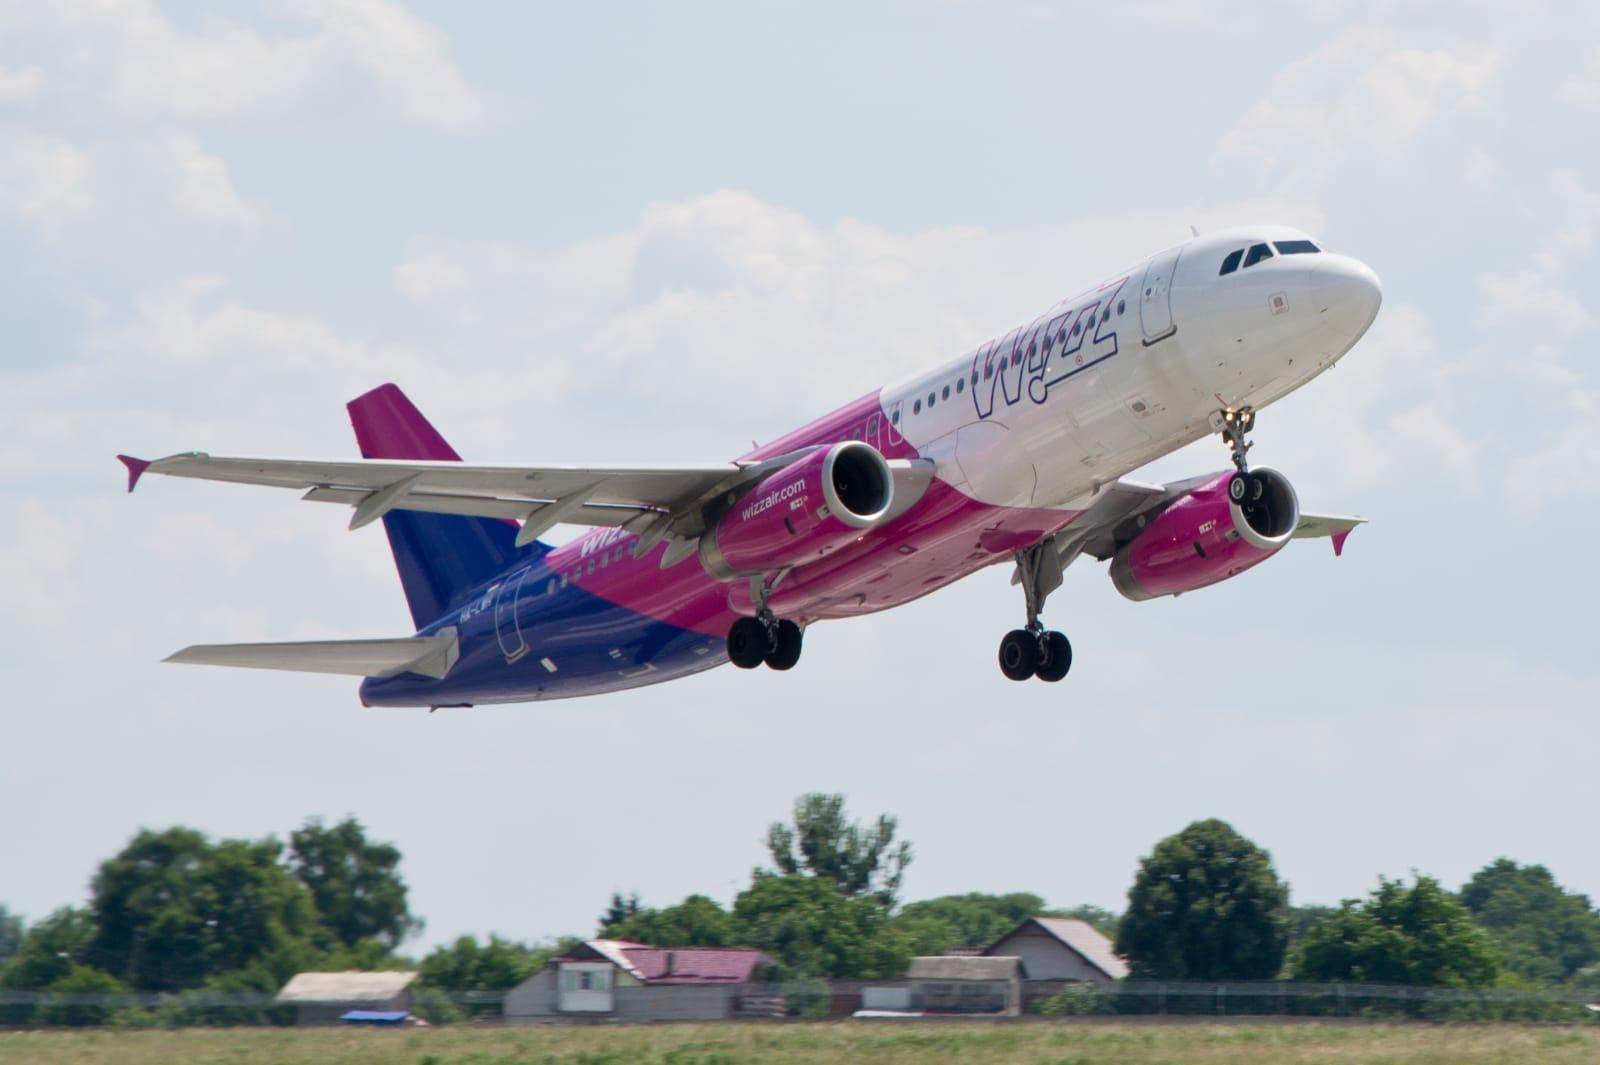 וויזאייר מחדשת עוד טיסות לישראל